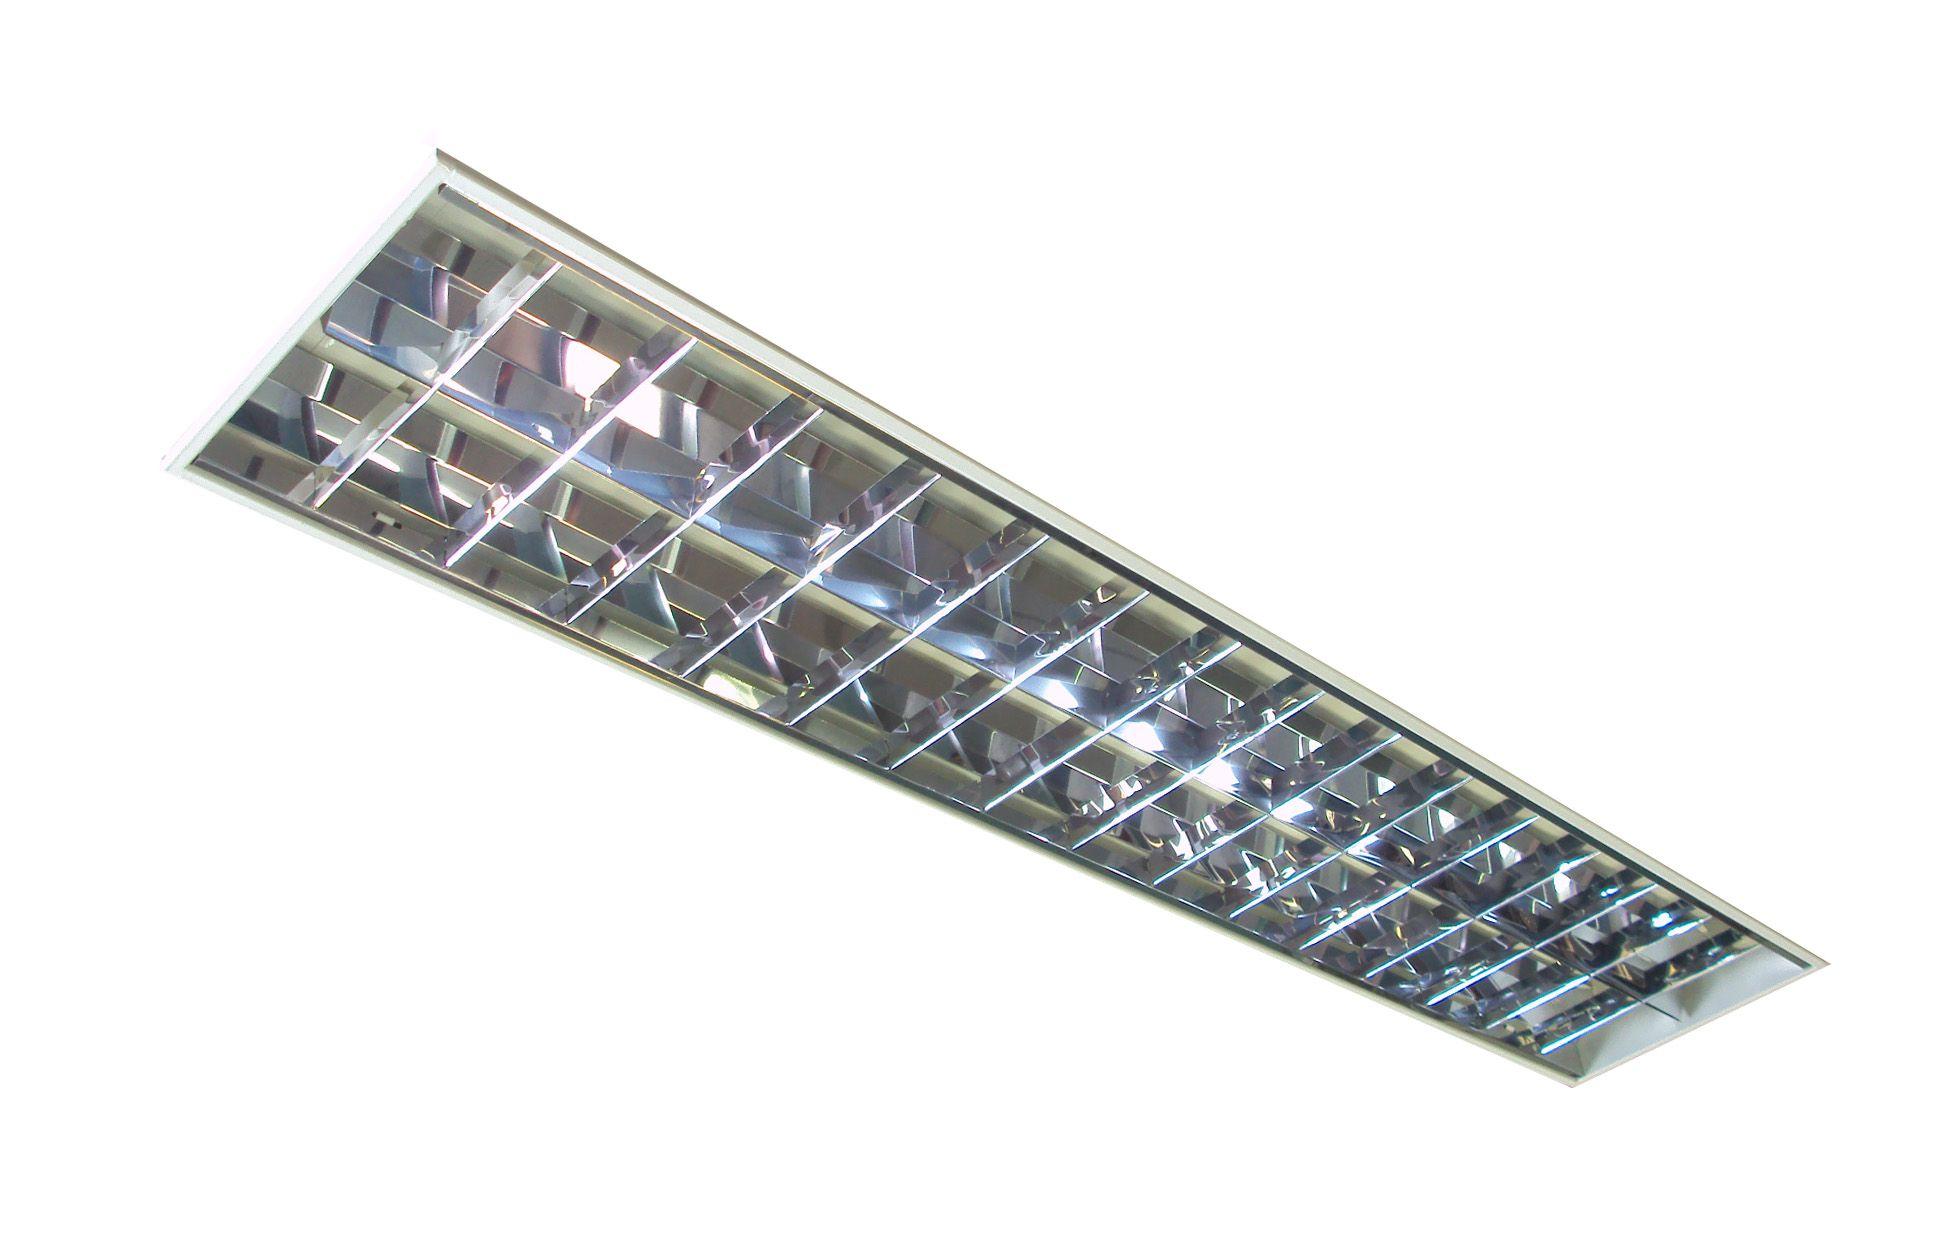 Luminária de Embutir para Forro Modular e Gesso 1242 x 305 x 65mm